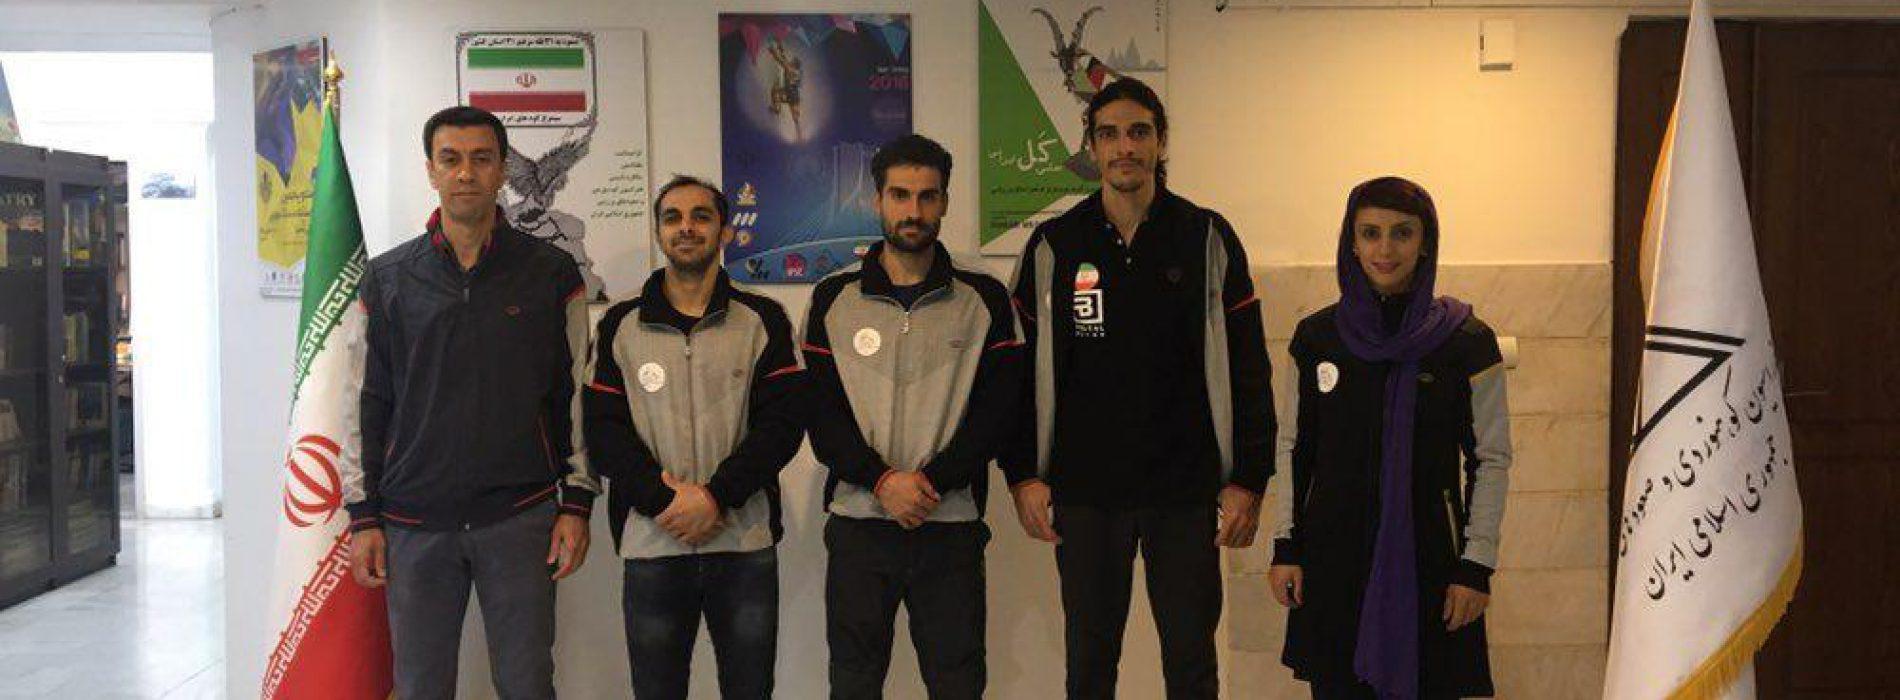 تیم ملی سنگنوردی بزرگسالان به رقابتهای قهرمانی آسیا اعزام شد.